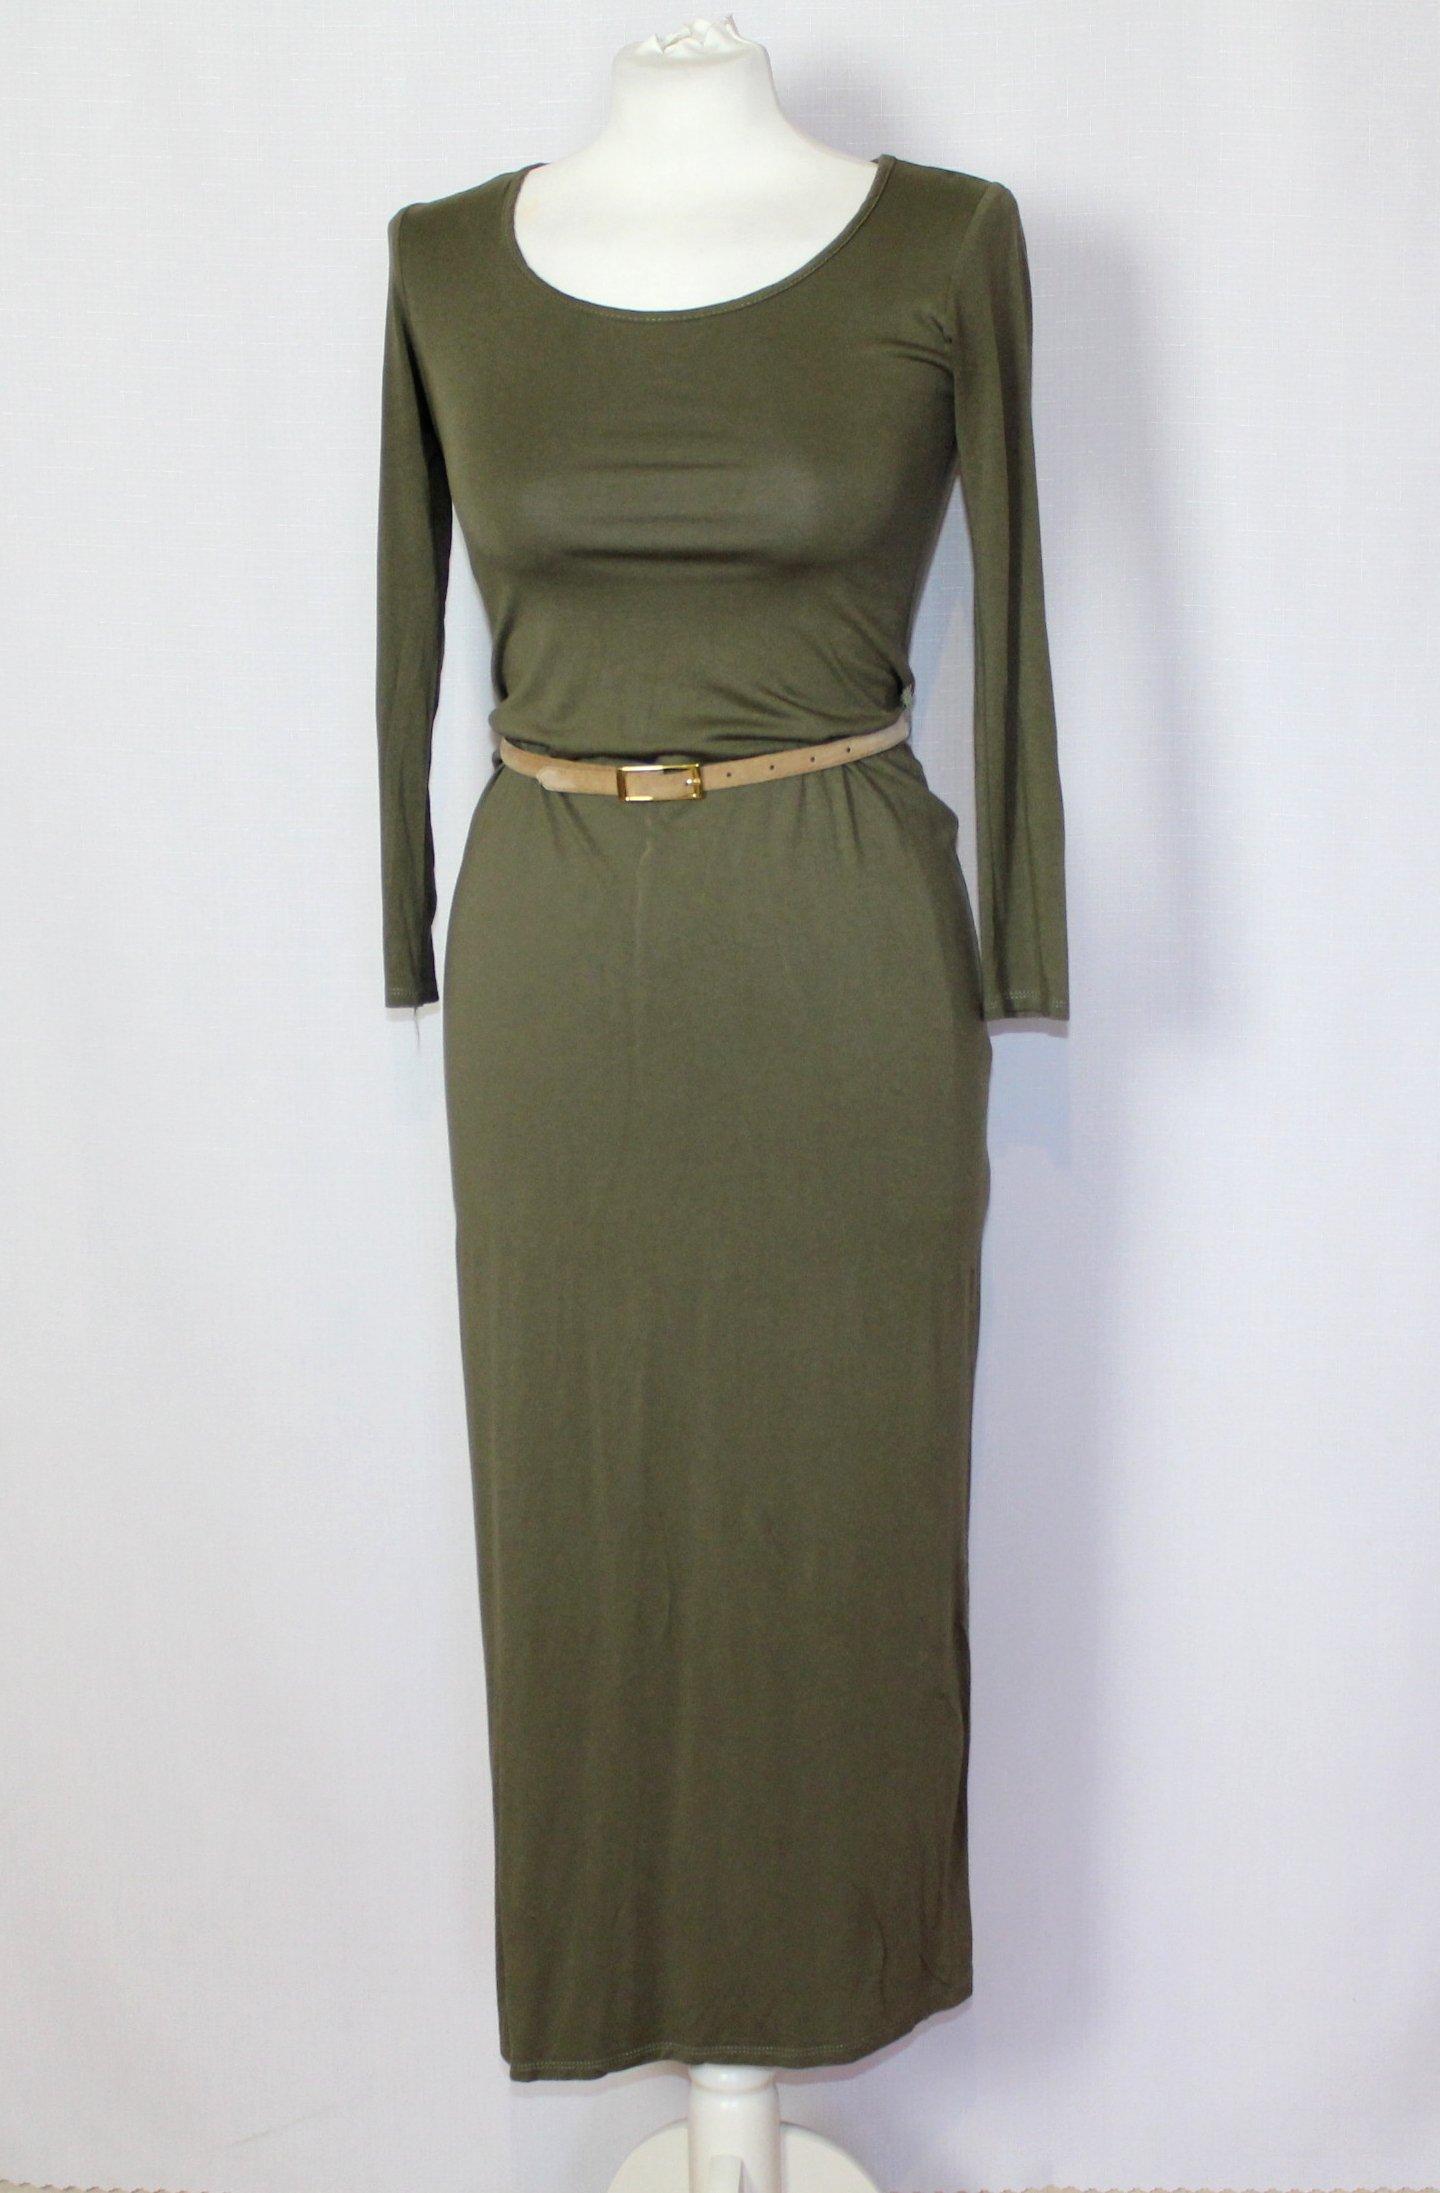 dd0e7b1767 Khaki długa sukienka ATMOSPHERE 34 XS 6 - 7214660543 - oficjalne ...